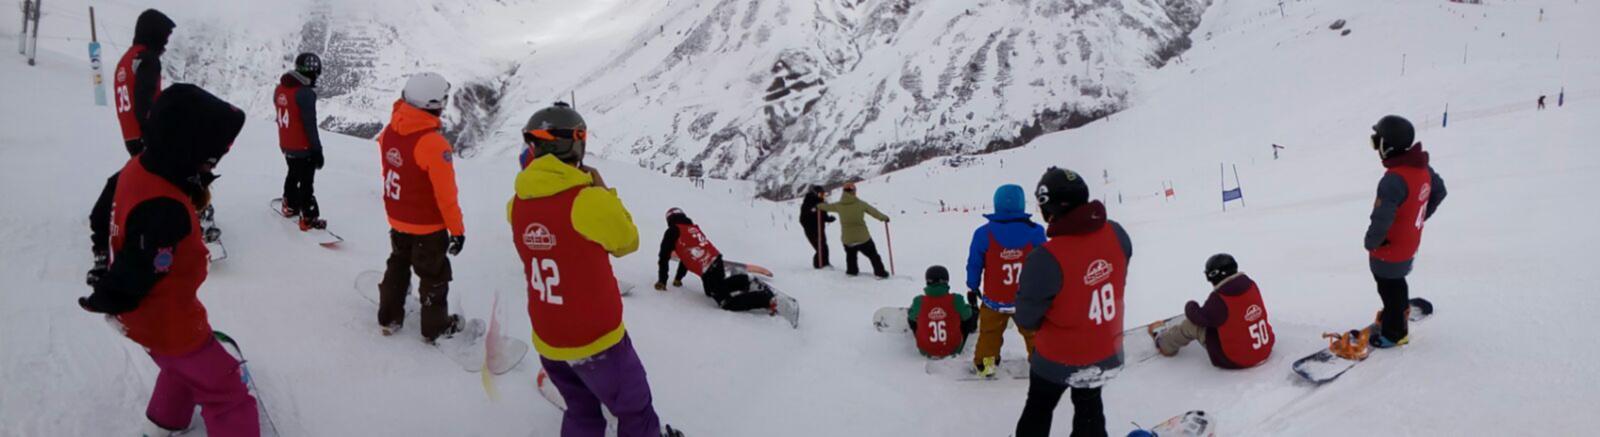 Pruebas de Acceso Snowboard